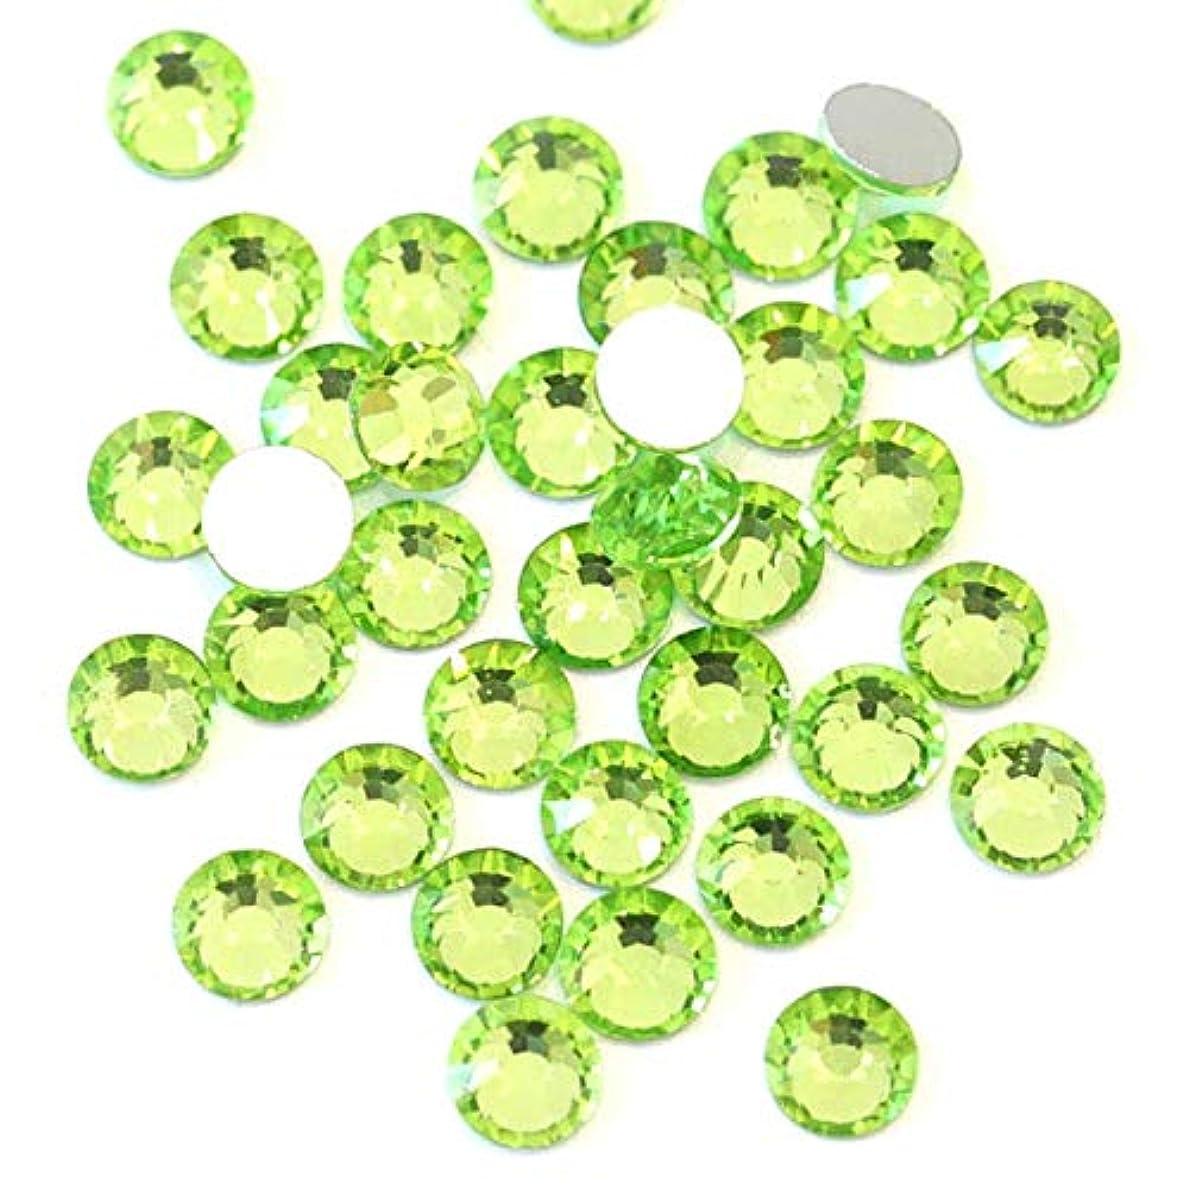 センチメートル薄汚いダーツ【ラインストーン77】 超高級 ガラス製ラインストーン SS4~SS30 ペリドット スワロフスキー同等 (2.6mm (SS10) 約200粒)